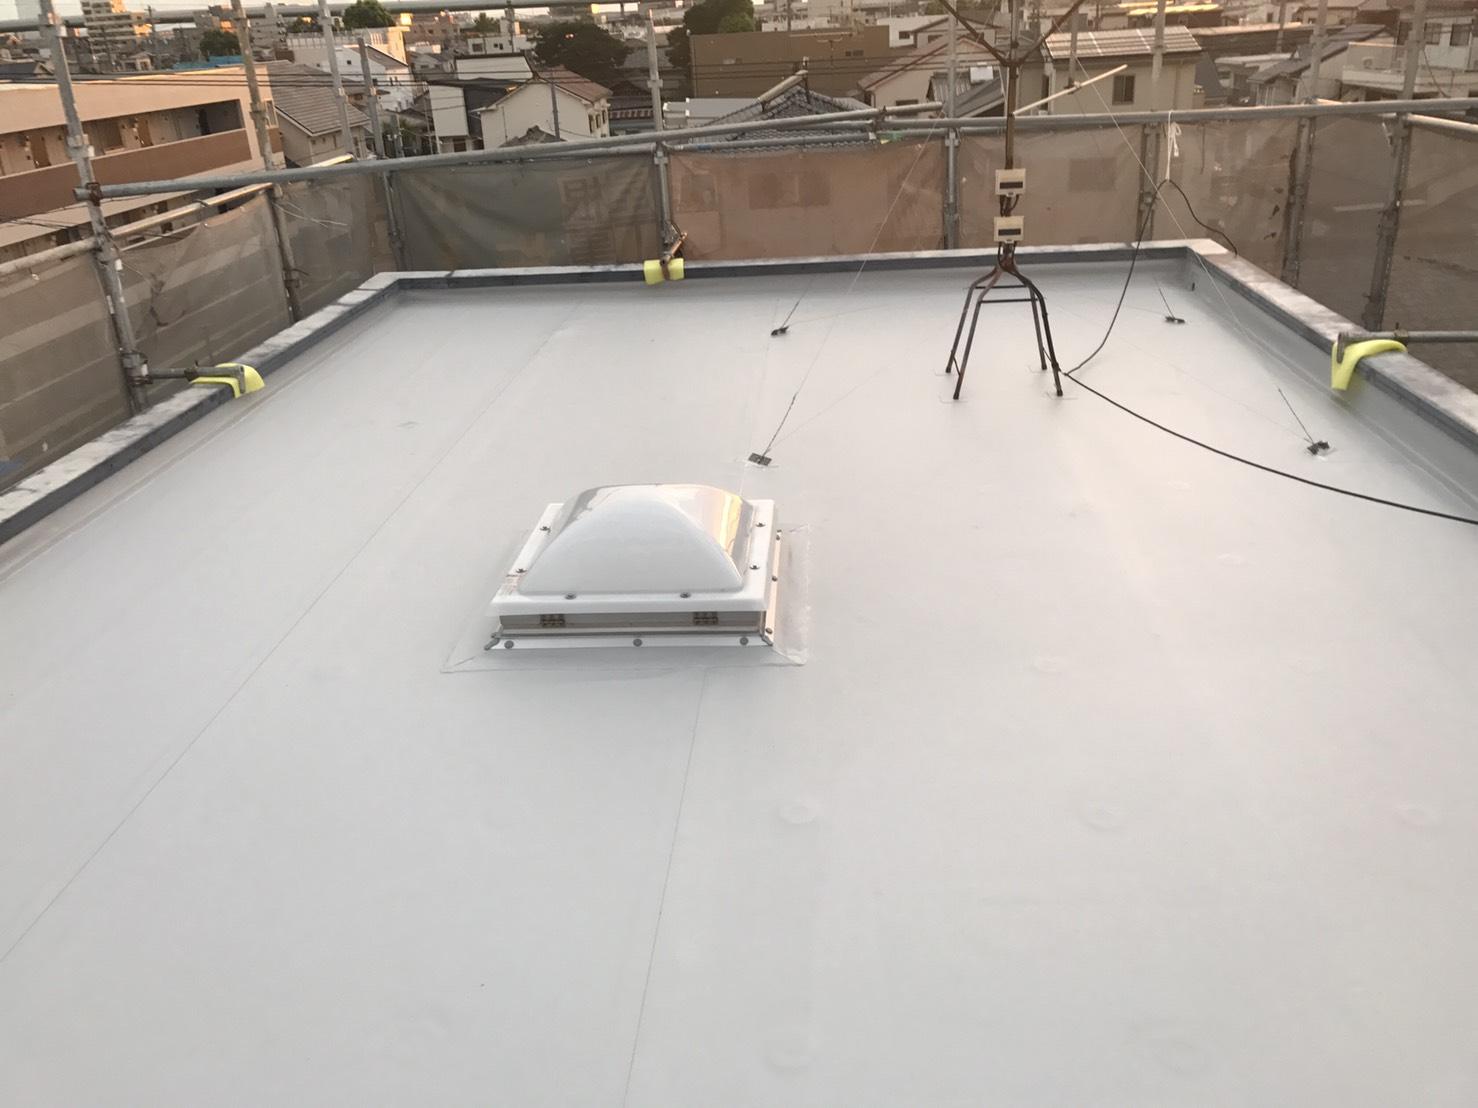 耐久性の高い塩ビシート防水工事施工後